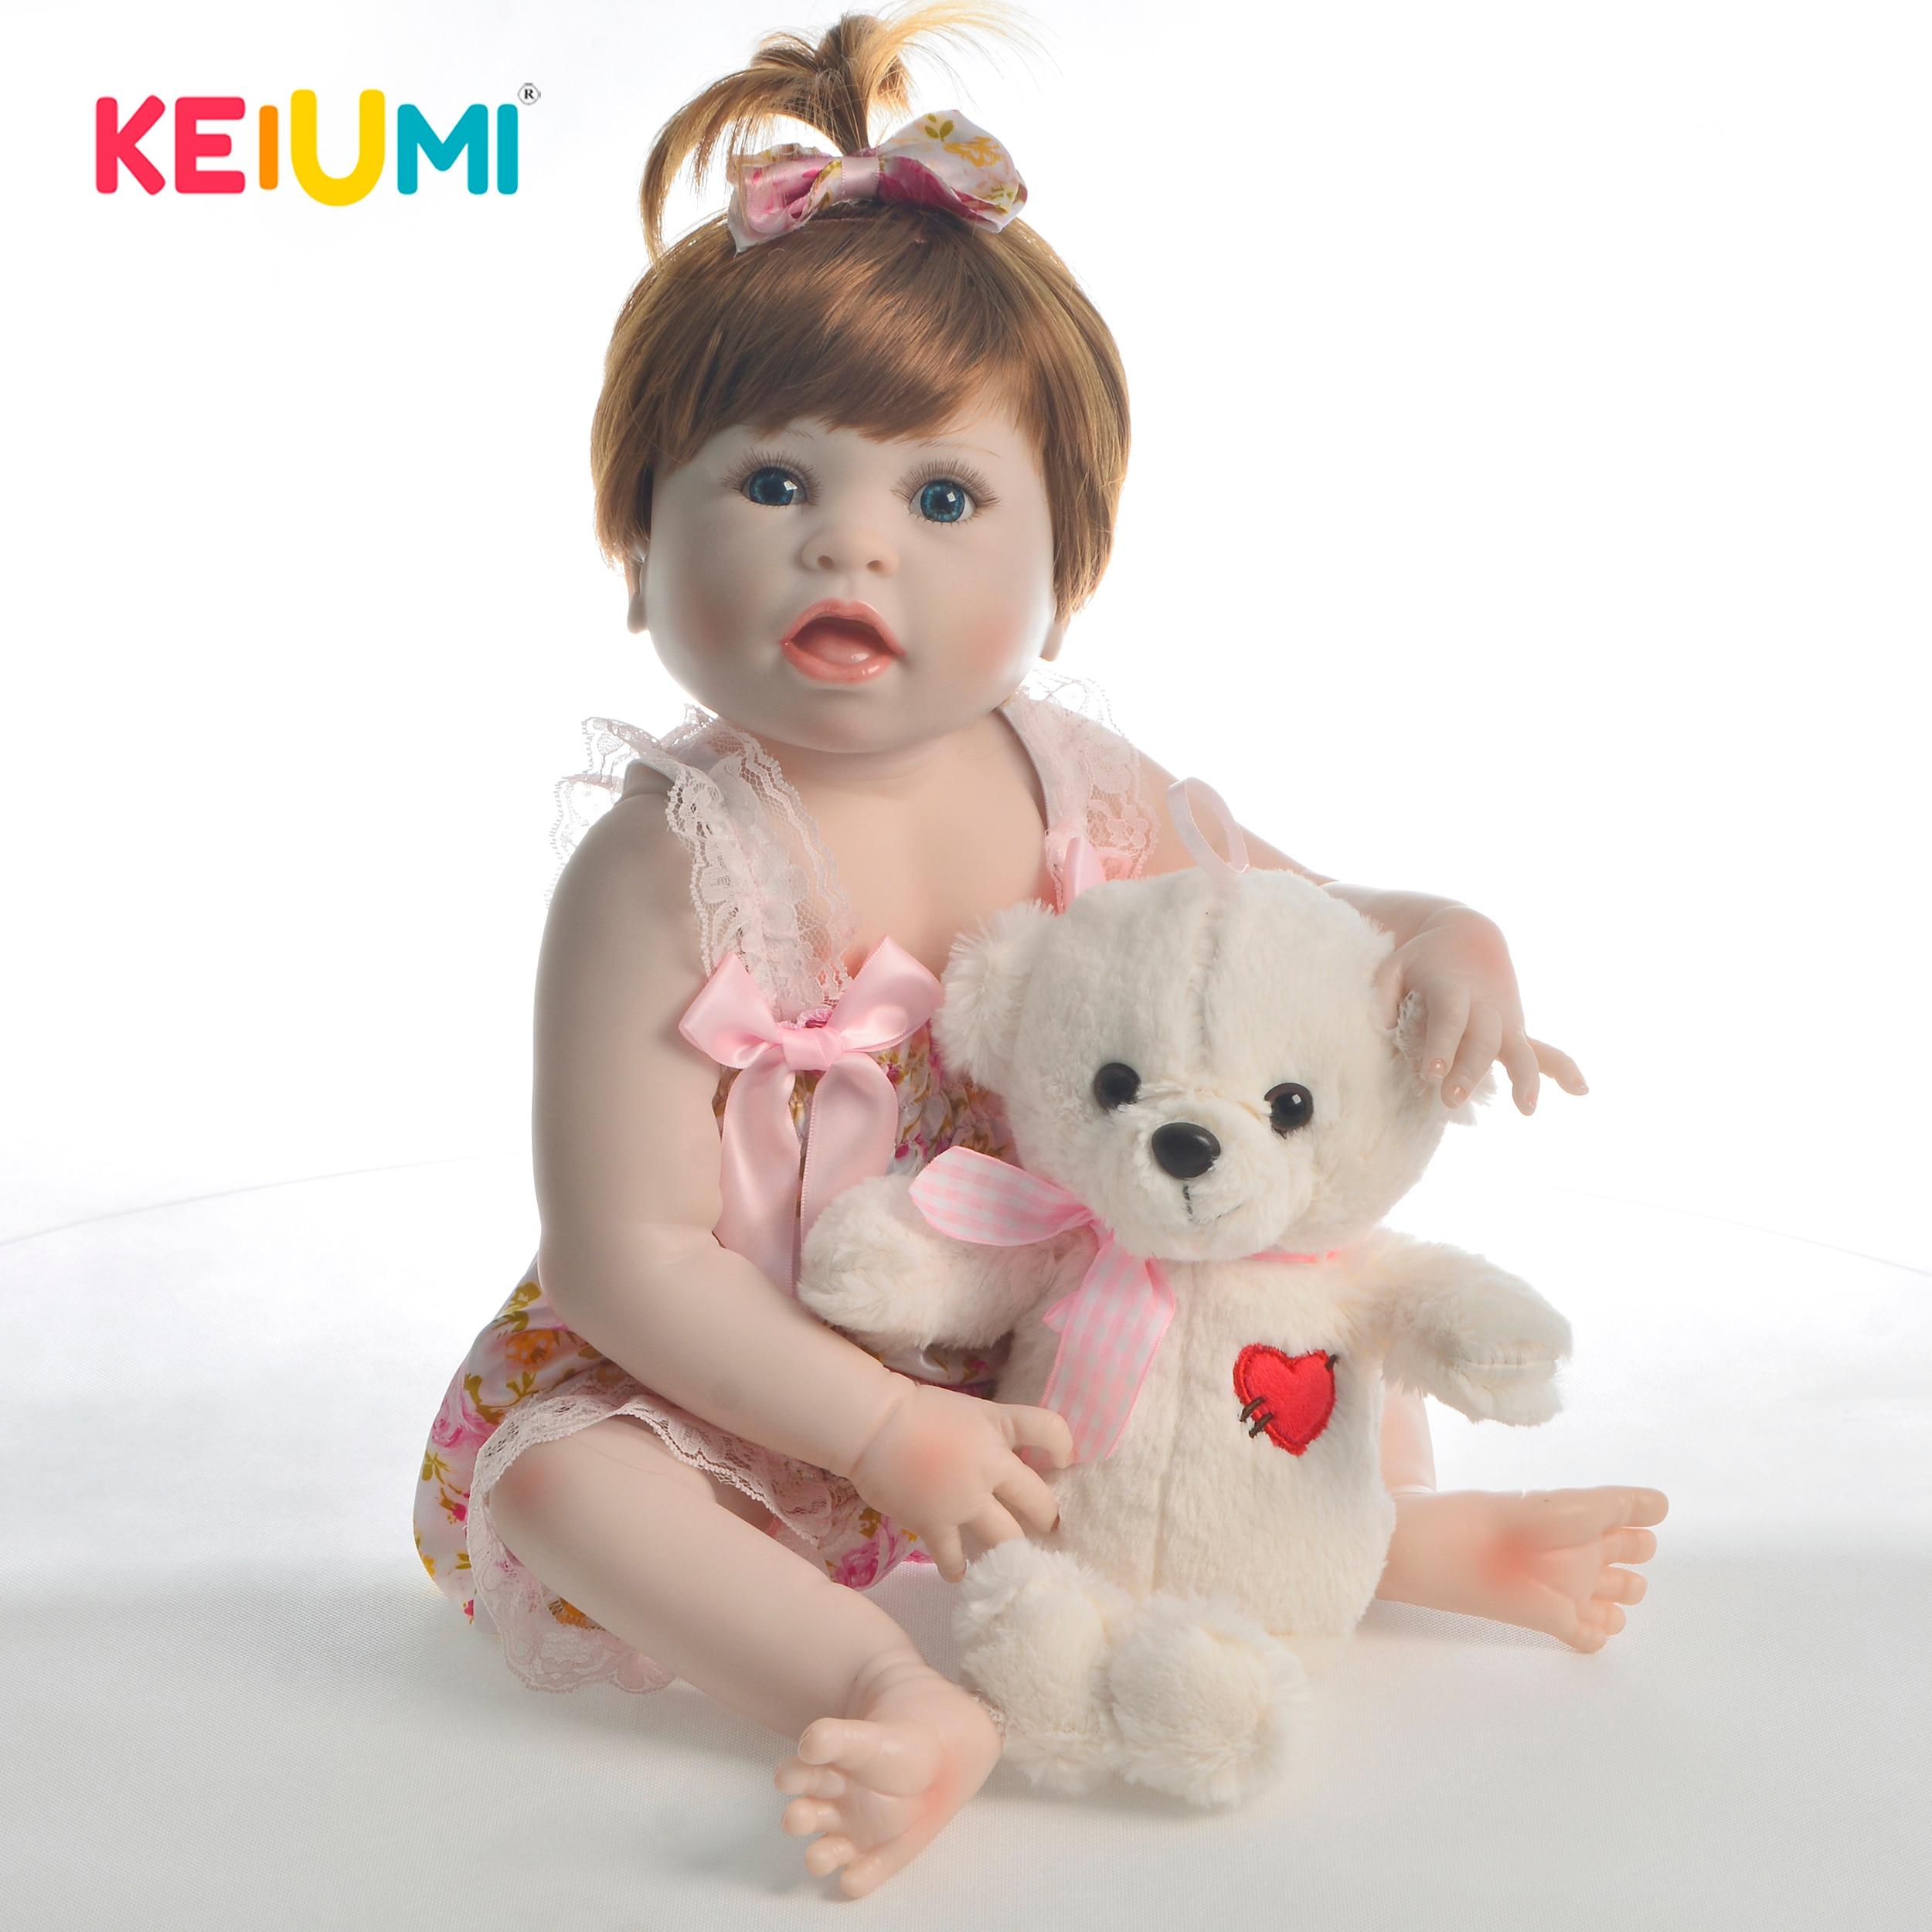 Ręcznie Reborn lalki dla dzieci zabawki 23 ''57 cm pełna silikon winylowe ciała symulacja Reborn dzieci moda noworodka lalki dla dzieci prezent na boże narodzenie w Lalki od Zabawki i hobby na  Grupa 1